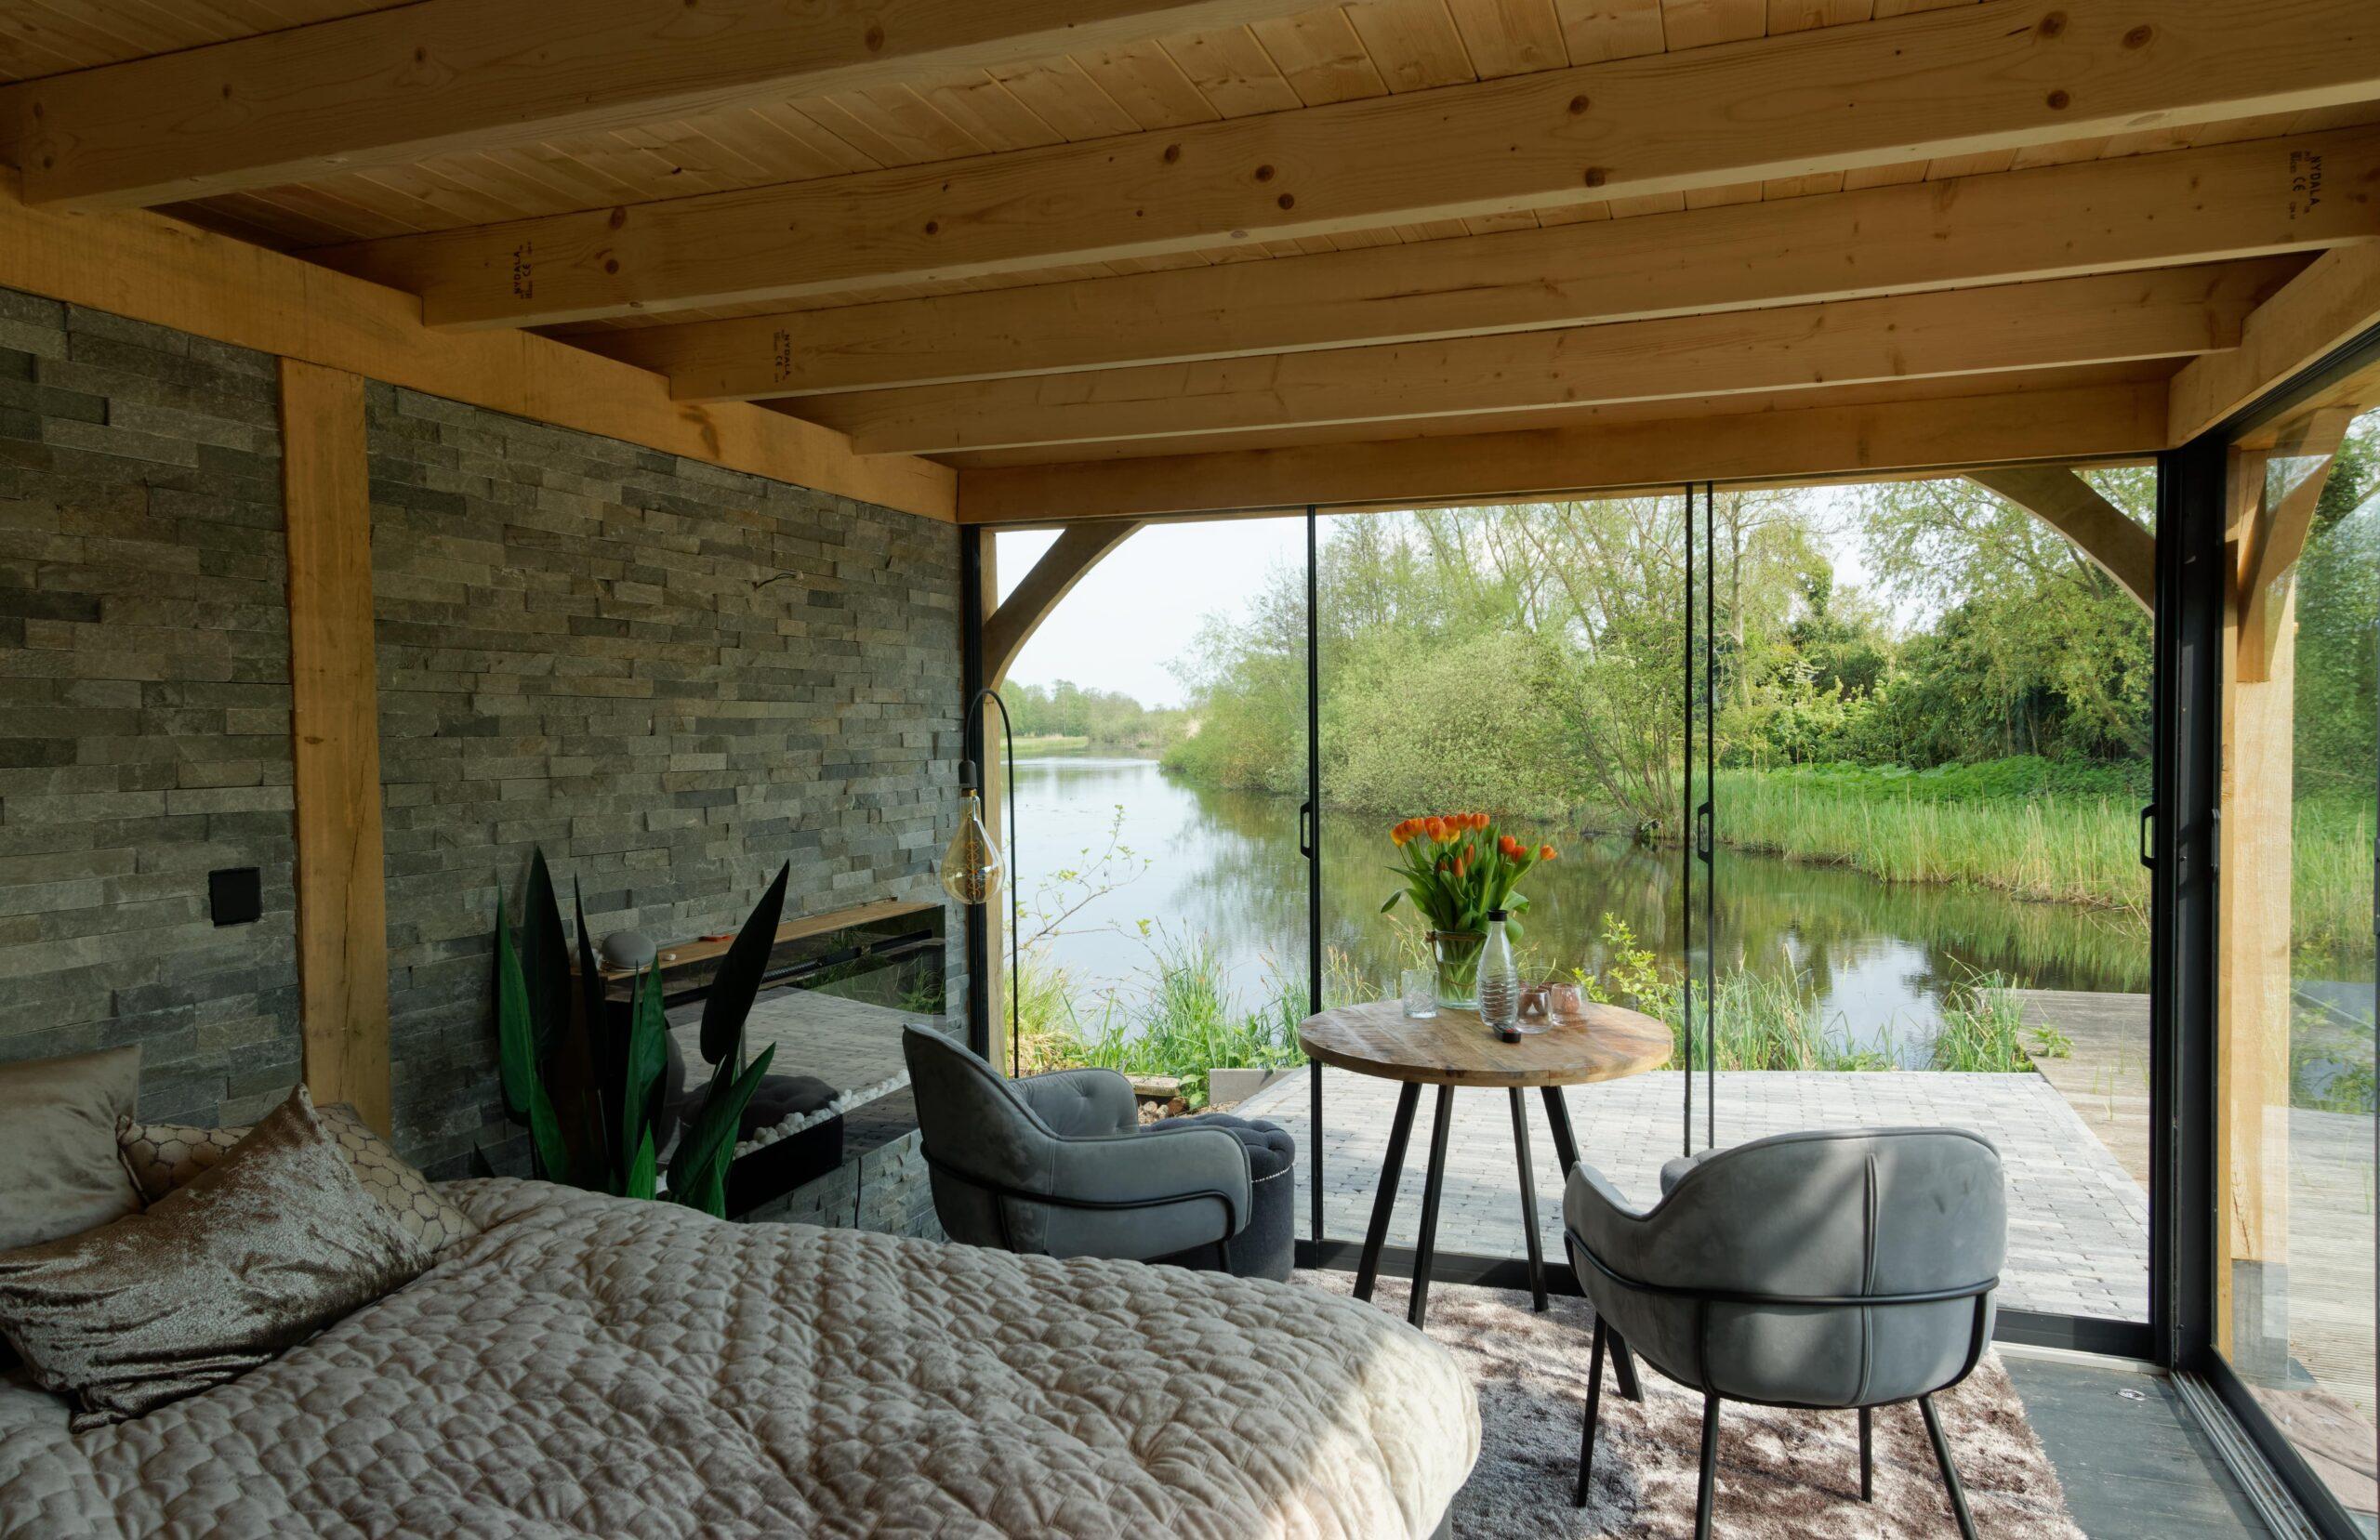 Luxe-tuinkamer-aan-het-water-6-scaled - Project Kortenhoef: Luxe tuinkamer aan het water